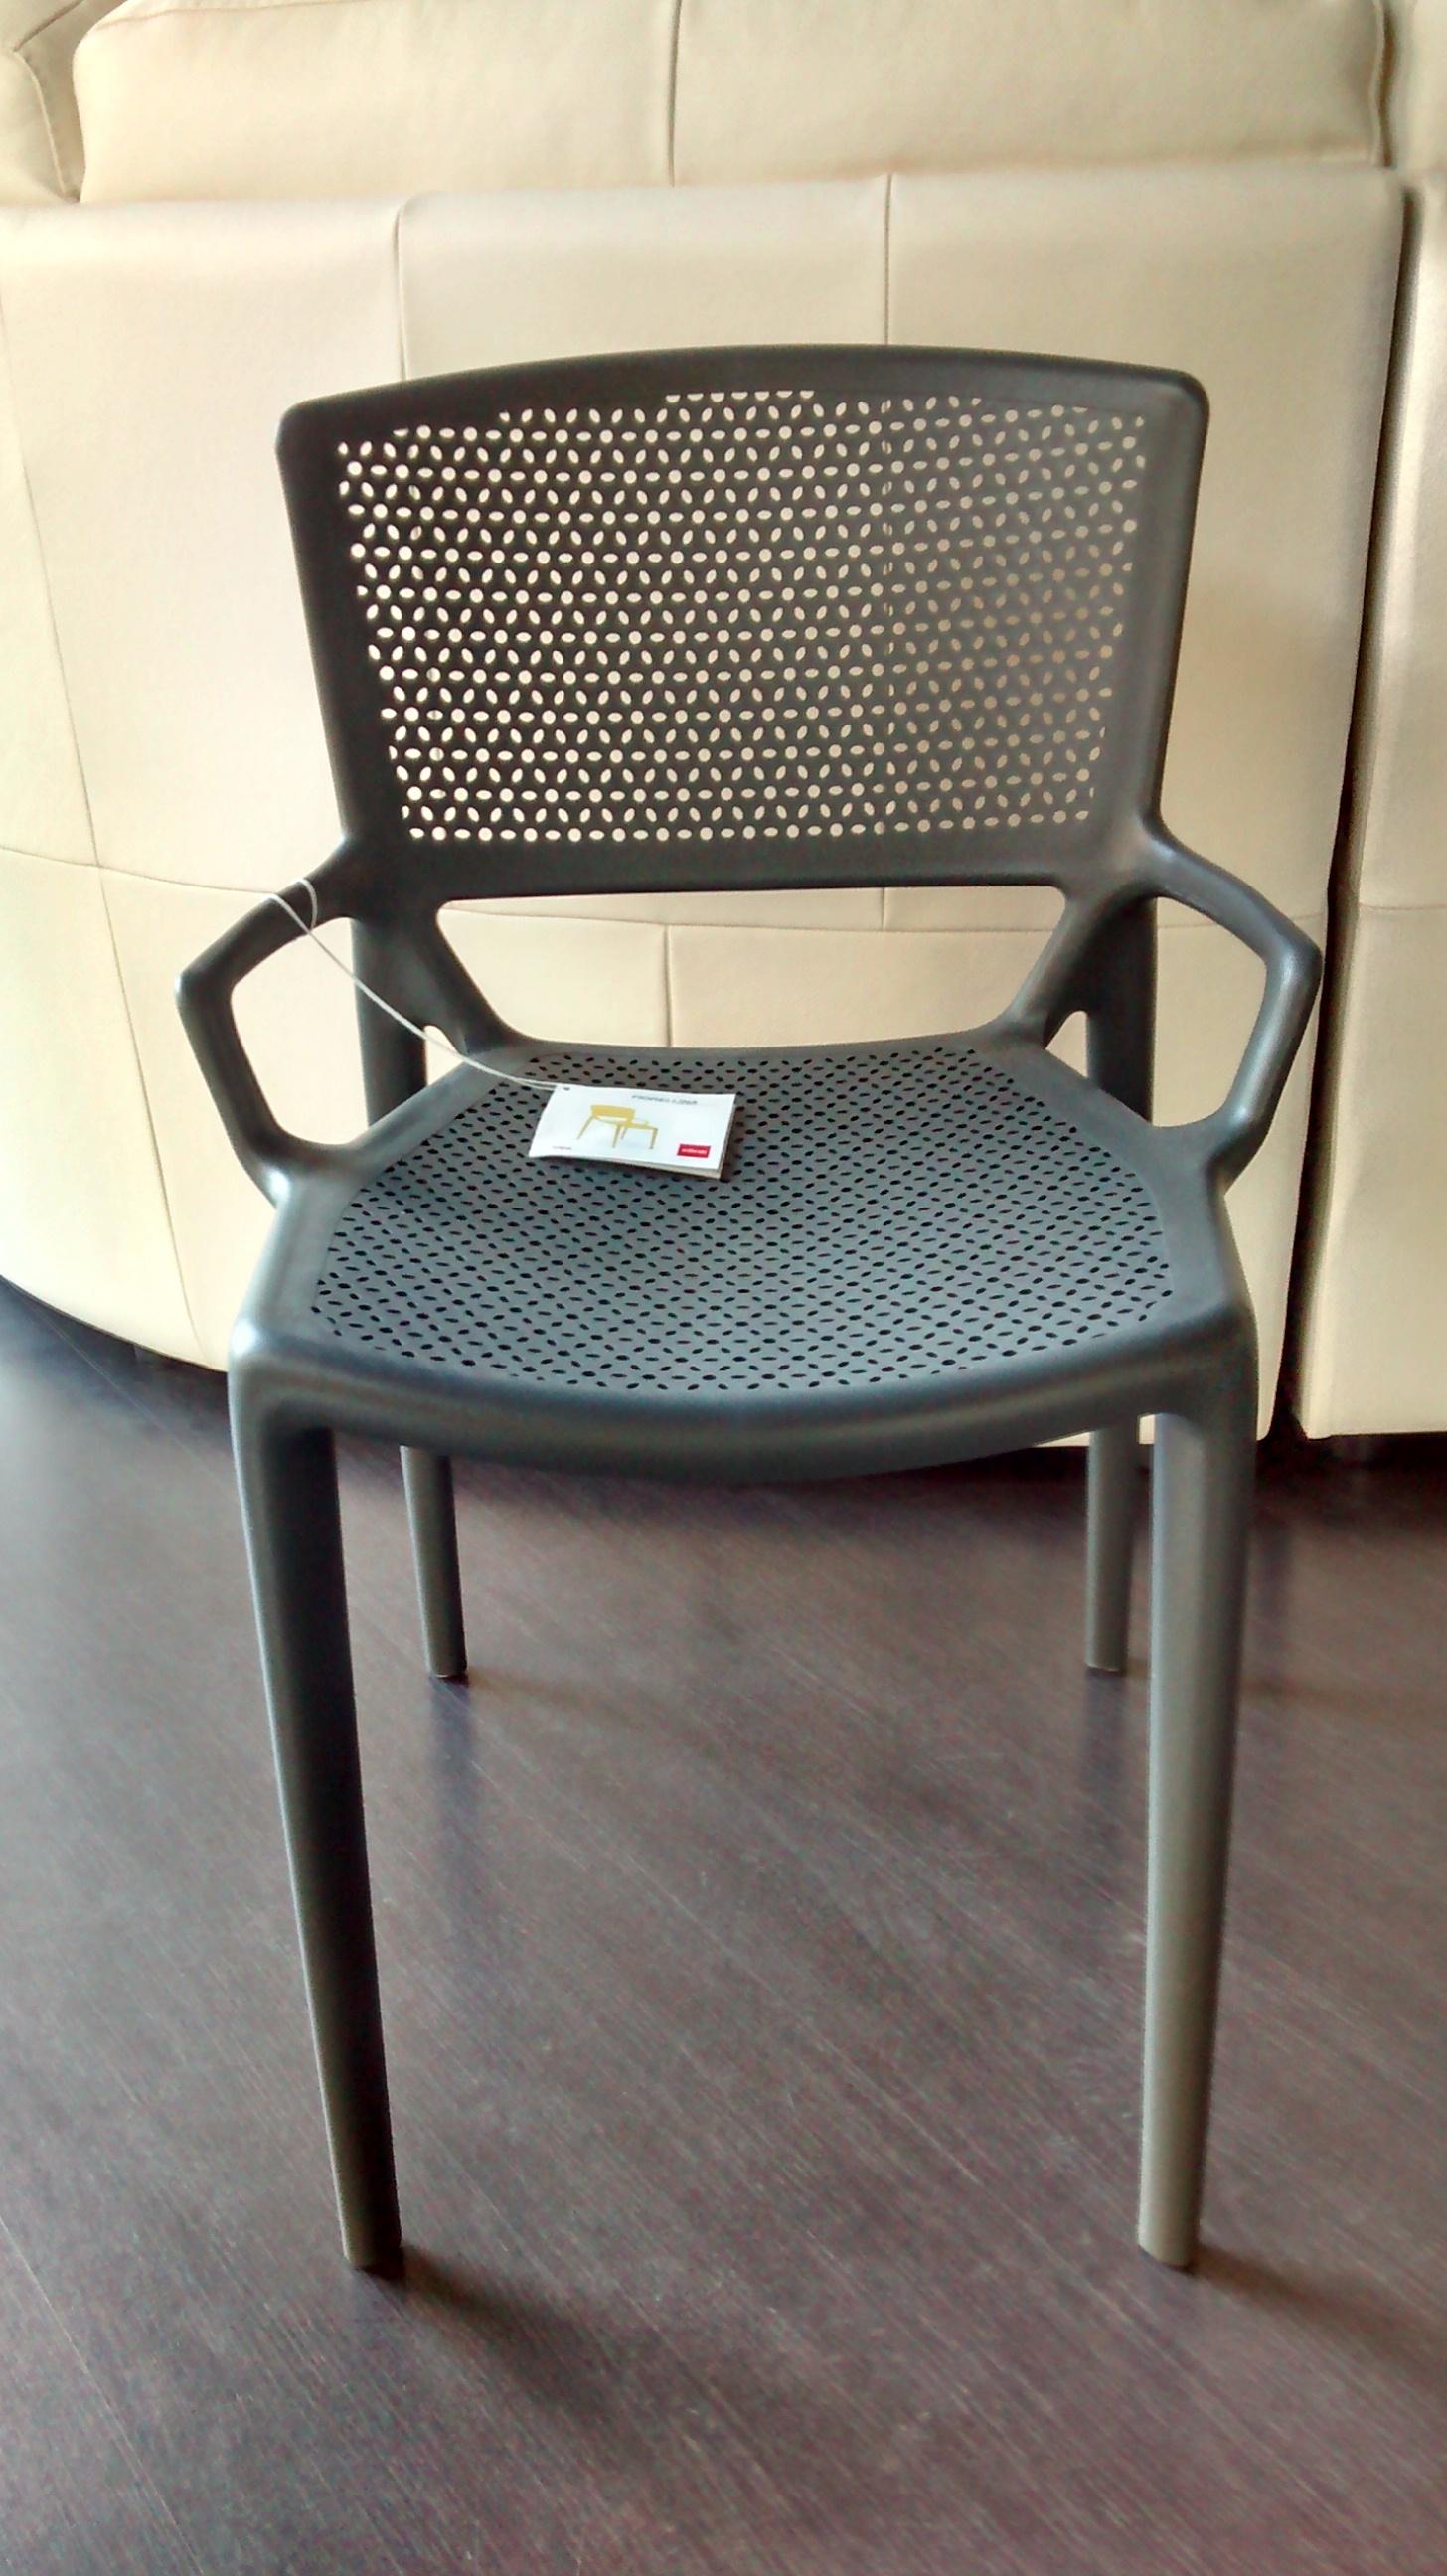 Offerta sedie in polipropilene impilabili 18603 sedie a for Sedie impilabili plastica